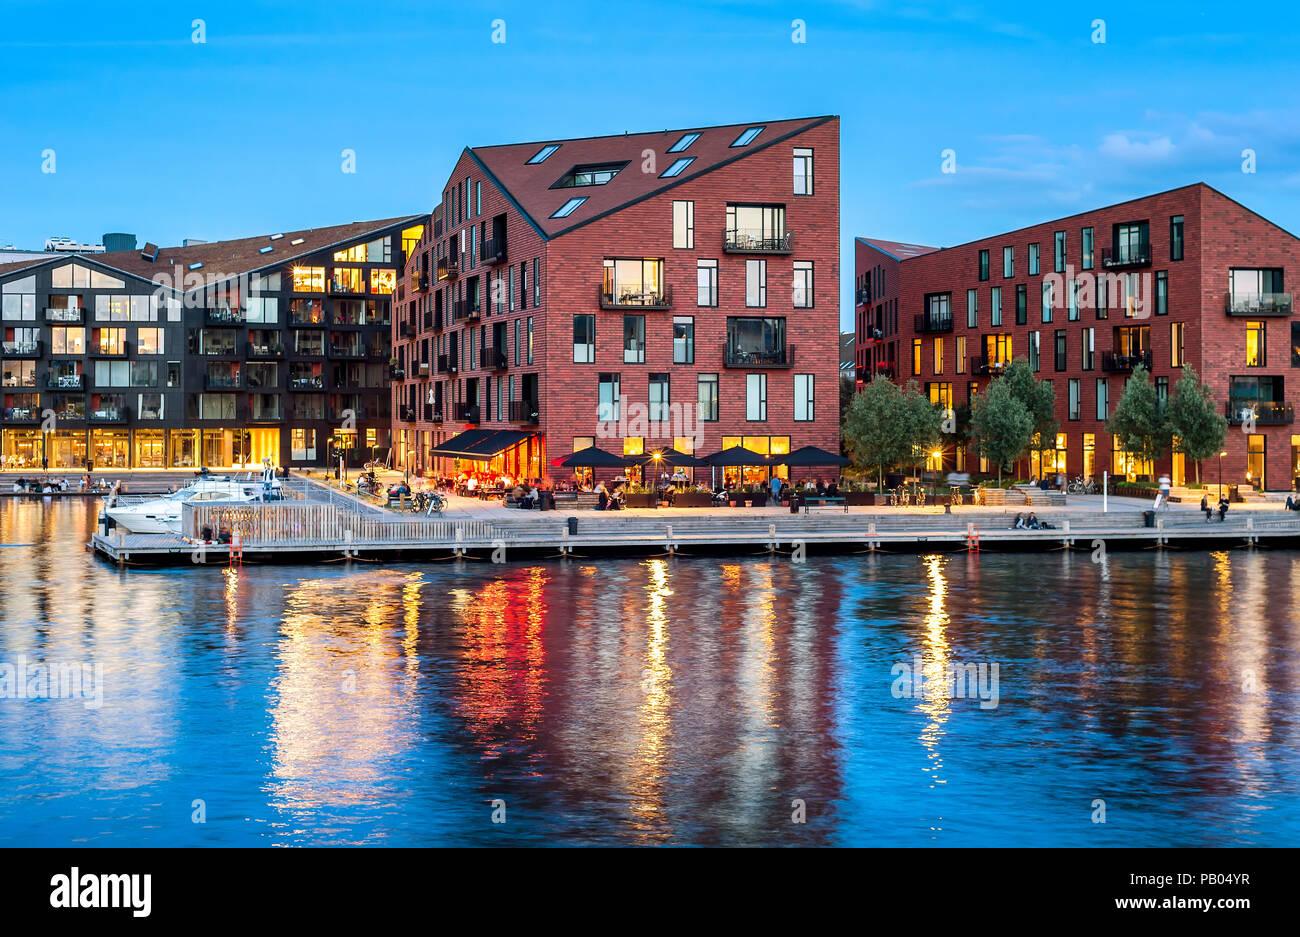 Kroyers Plads Gebäude der modernen Architektur Design von Damm bei Nacht beleuchtet, Kopenhagen, Dänemark Stockbild